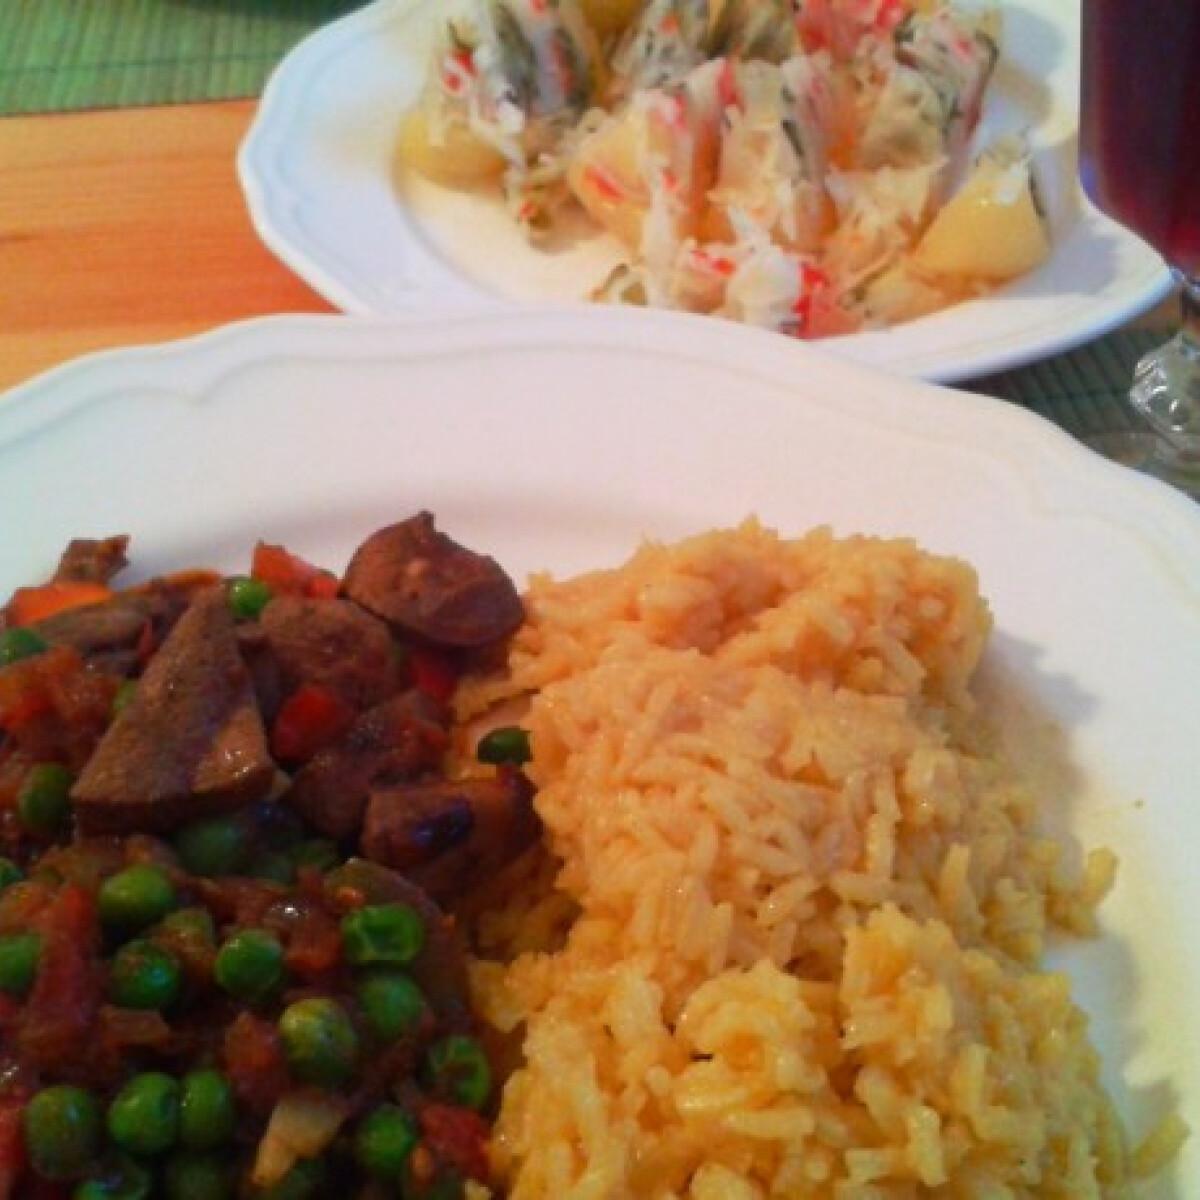 Zöldséges sertésmájragu párolt currys rizzsel